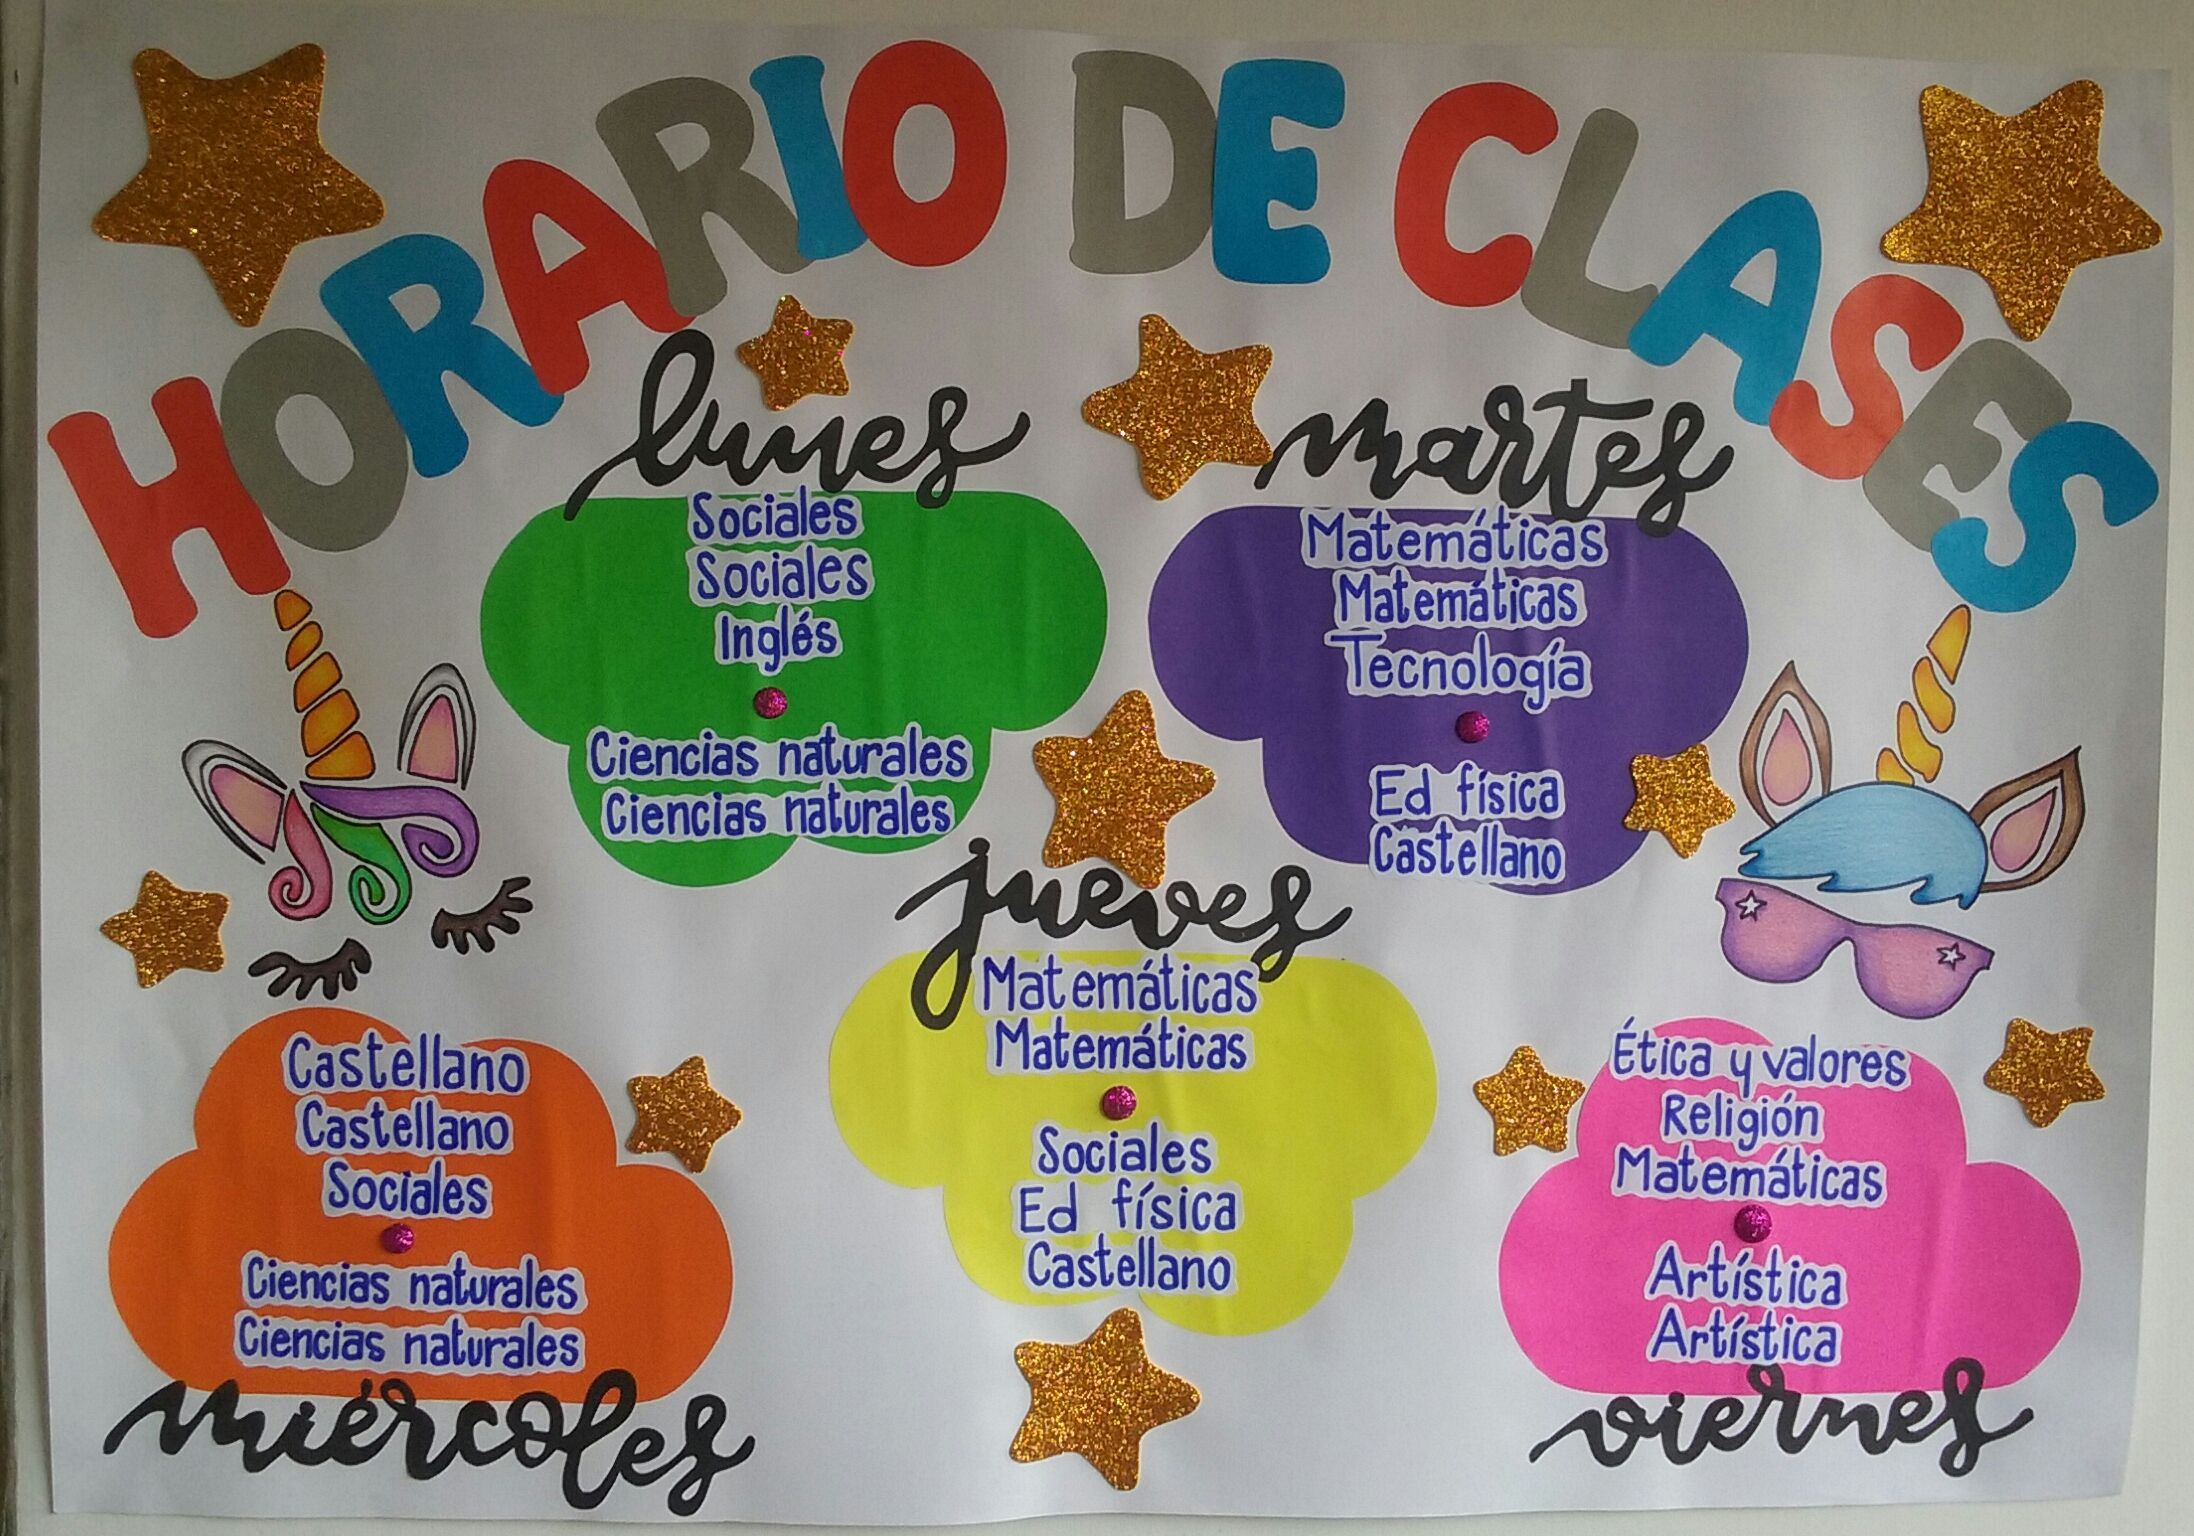 Horario De Clased Horario De Clases Carteleras Escolares Decorar Salones De Clases